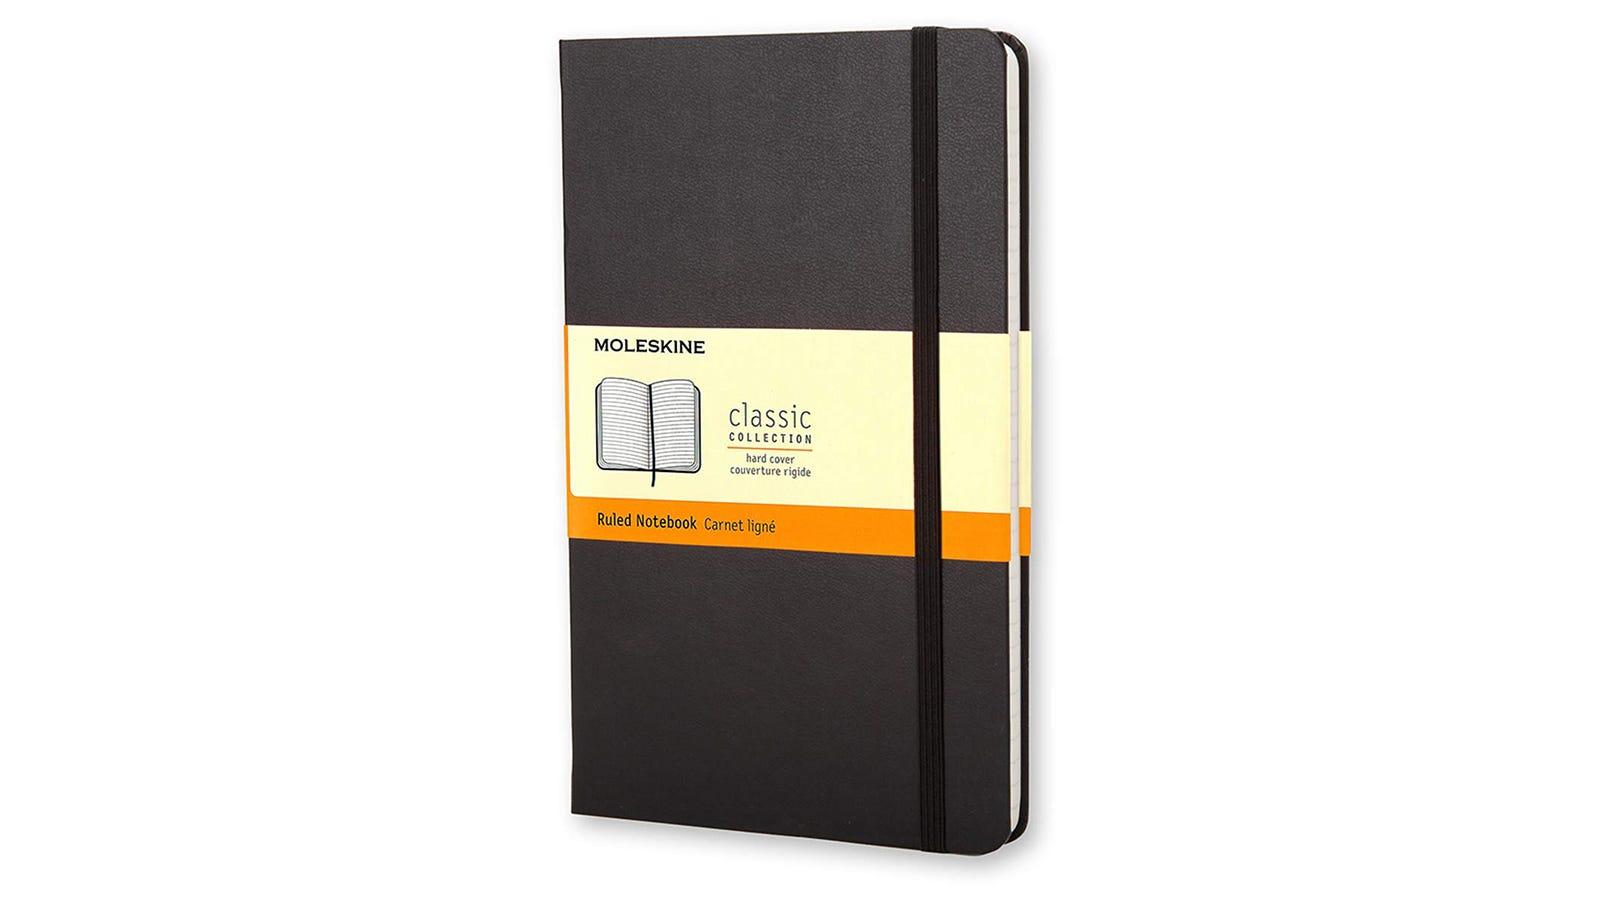 A closed Moleskin Classic Notebook.